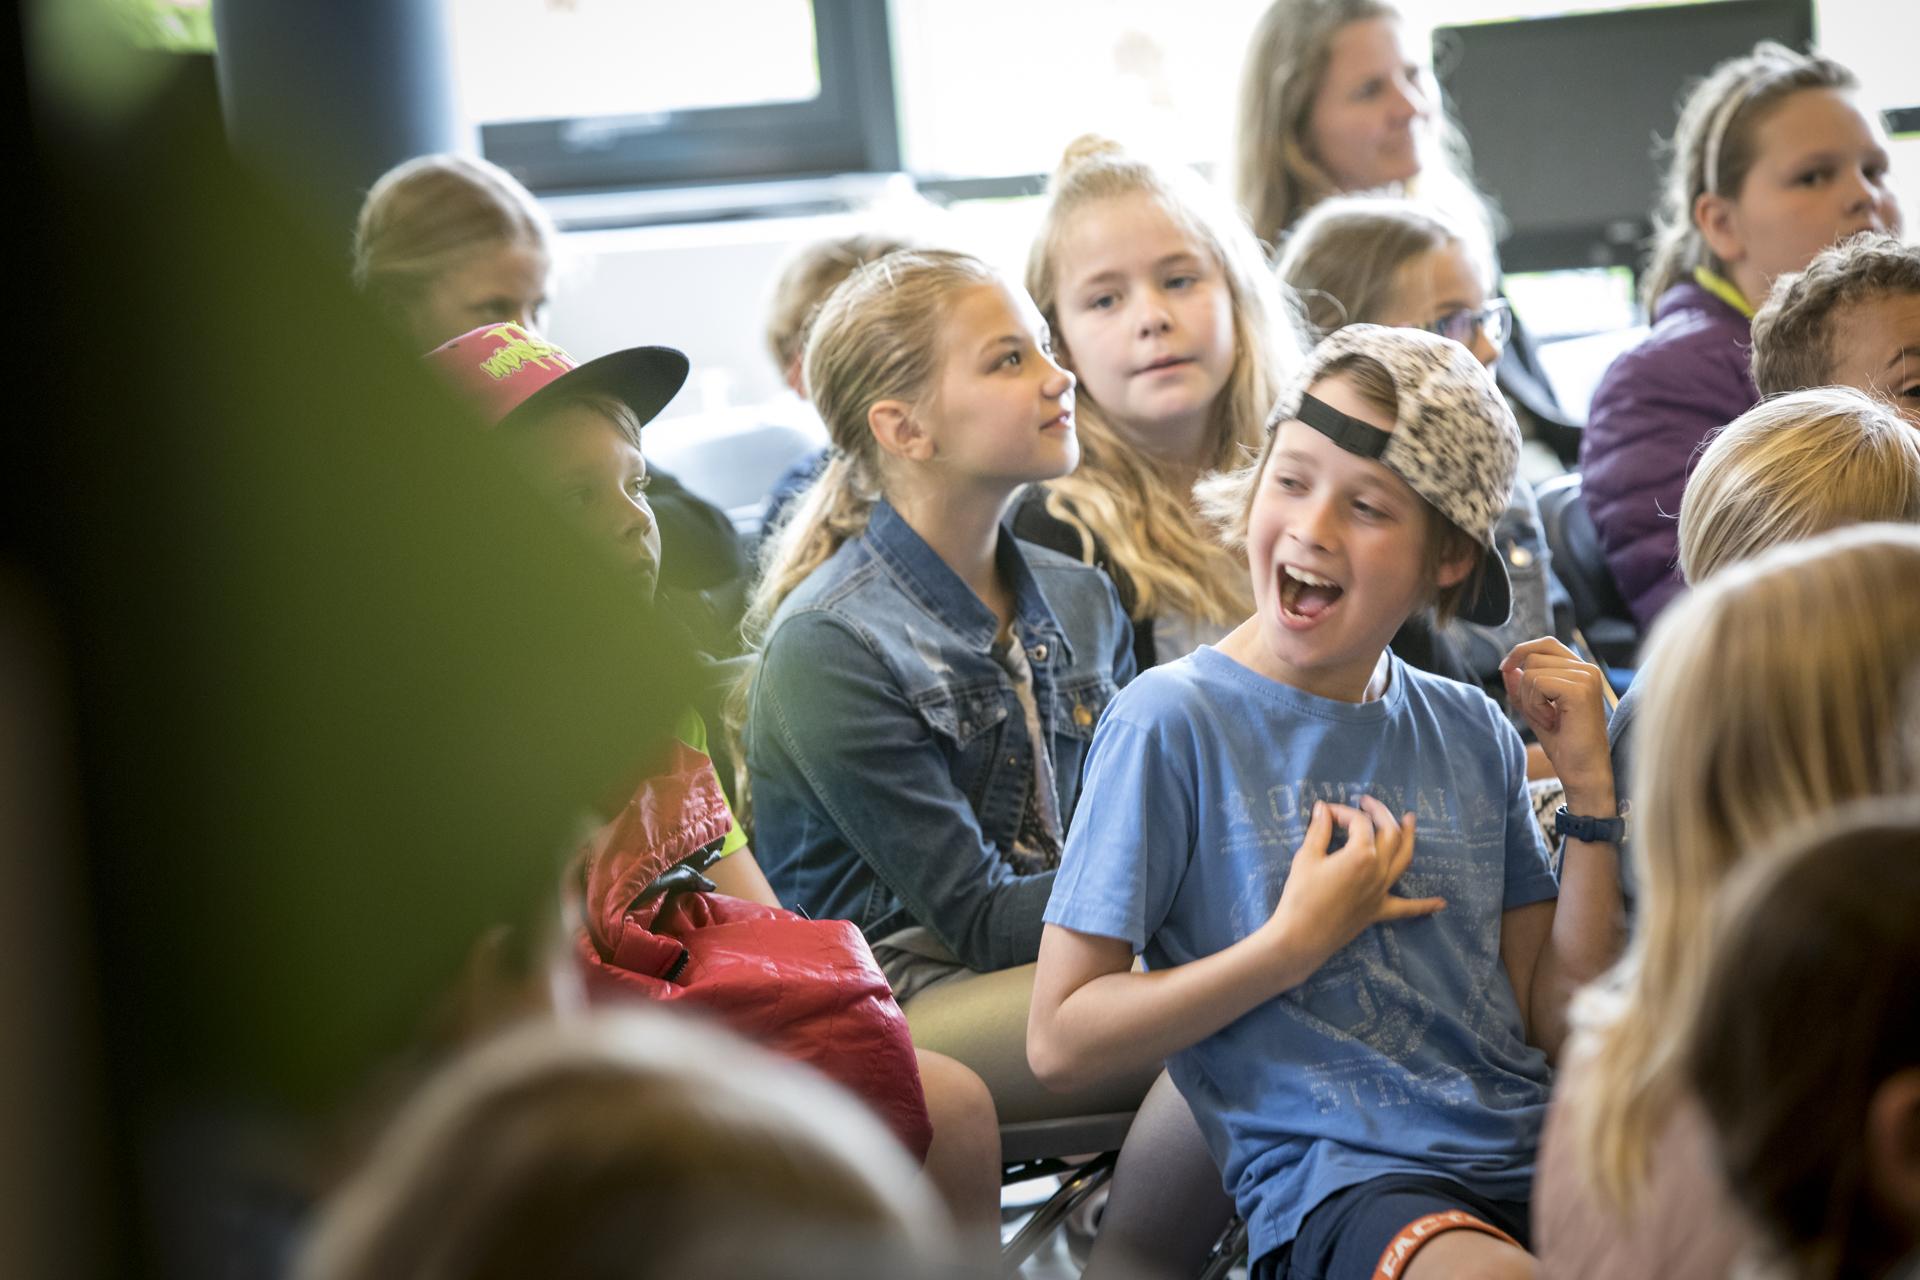 Sløngeldage fredag- web - Fotograf Per Bille-20170519-3044, glade børn.jpg